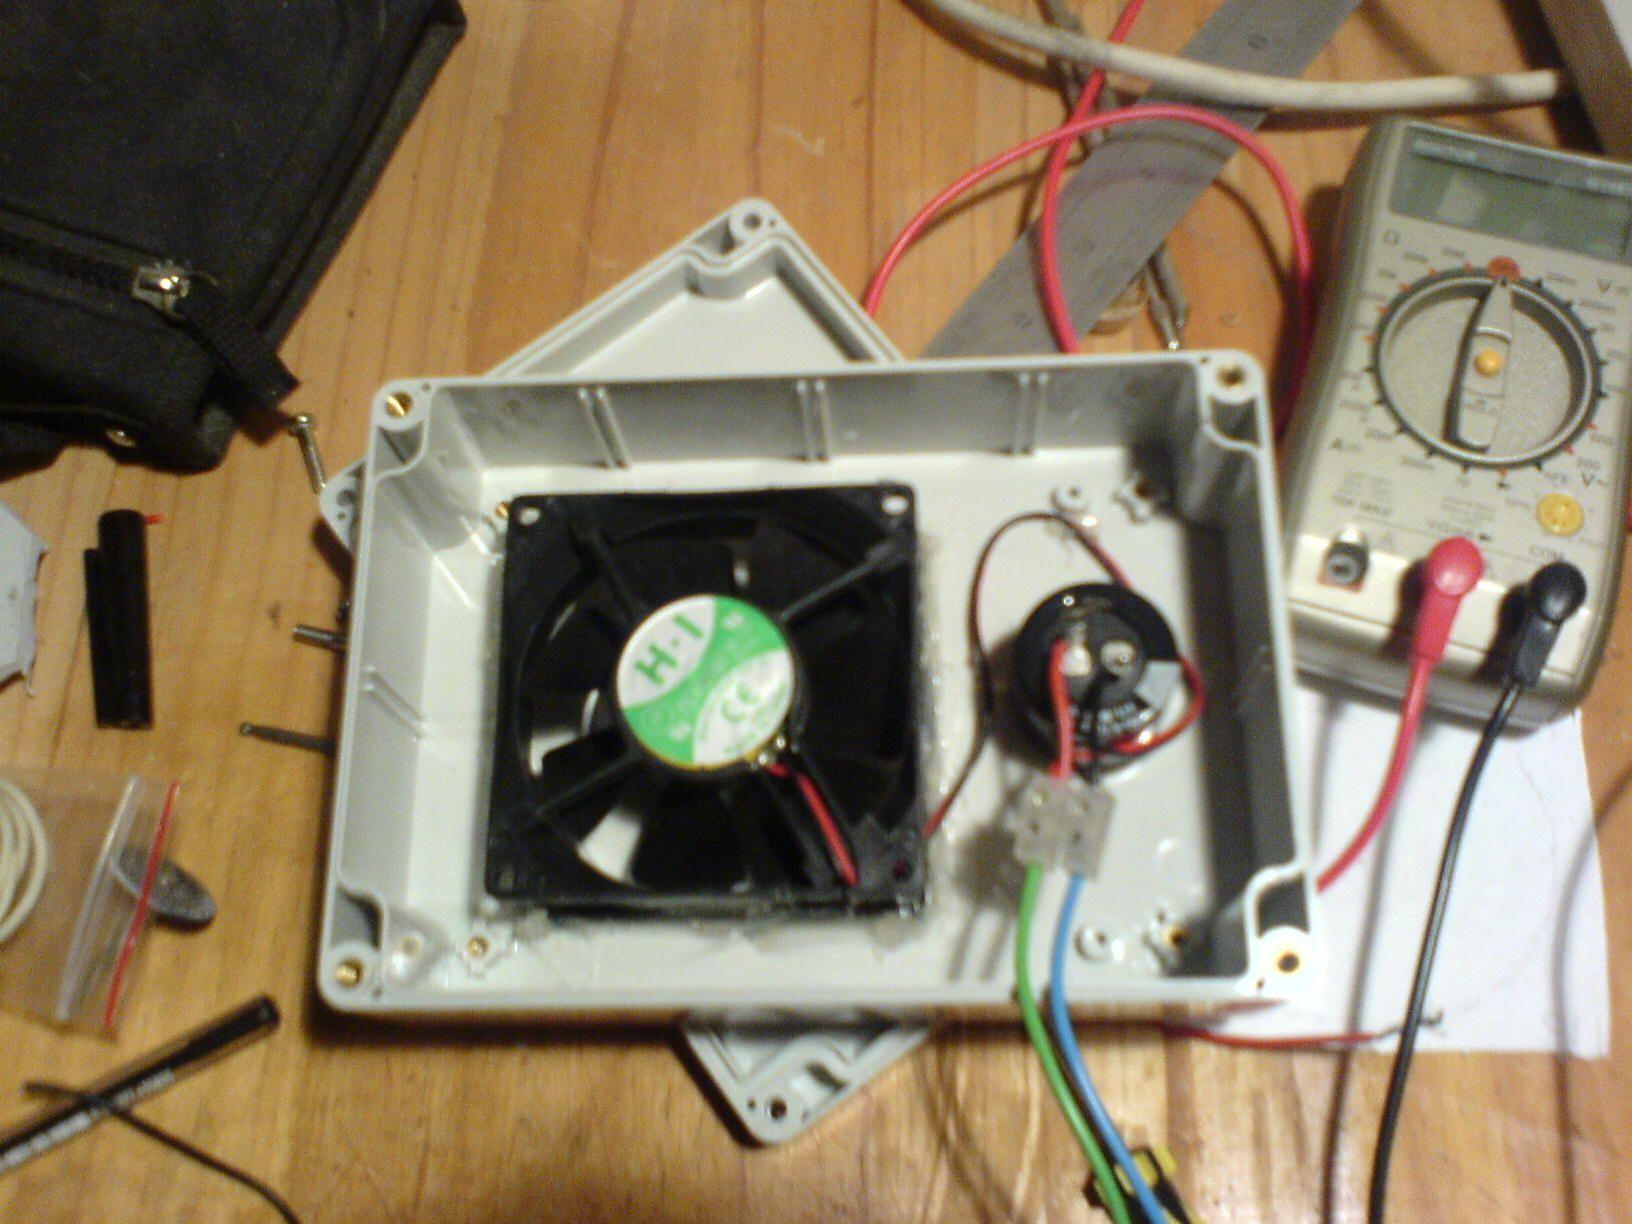 Solar powered attic fan review - Solar Power Cooling Fan Customer Reviews Batteryless Solar Fan Circuit